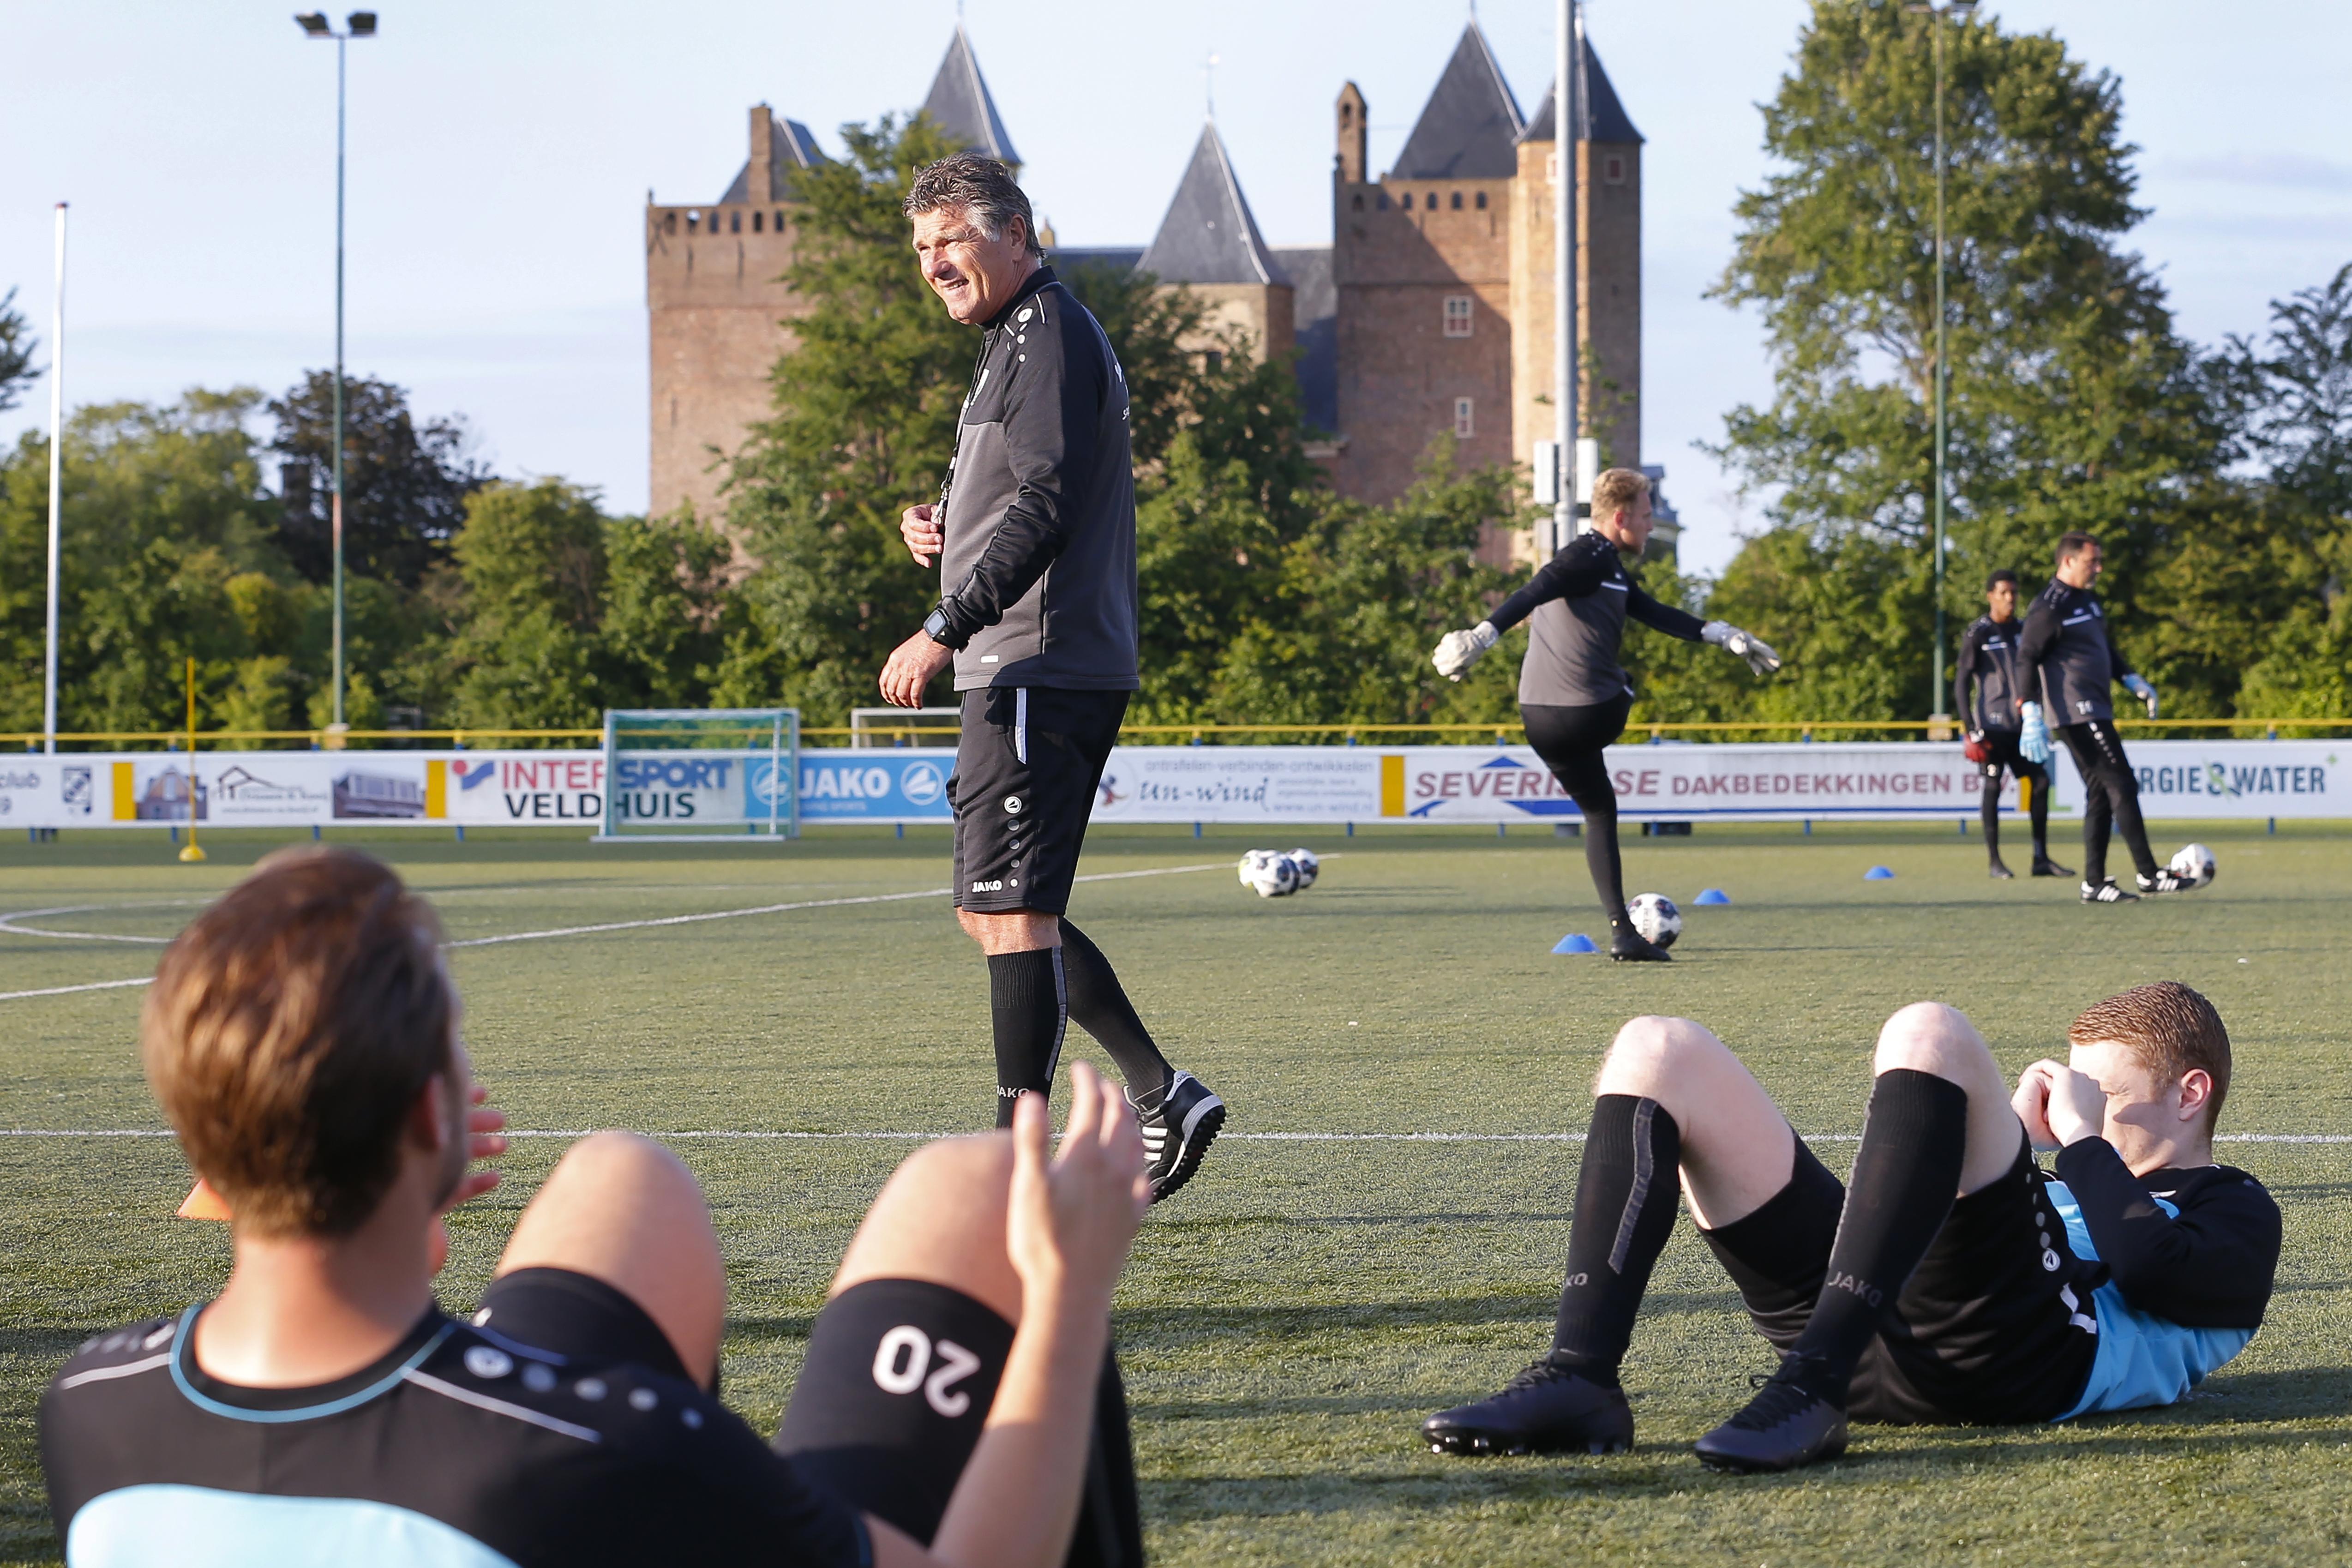 Odin'59 gaat na dit seizoen niet verder met trainer Ted Verdonkschot: 'Het is net als verkering, soms blijkt later dat er toch iets aan mankeert'